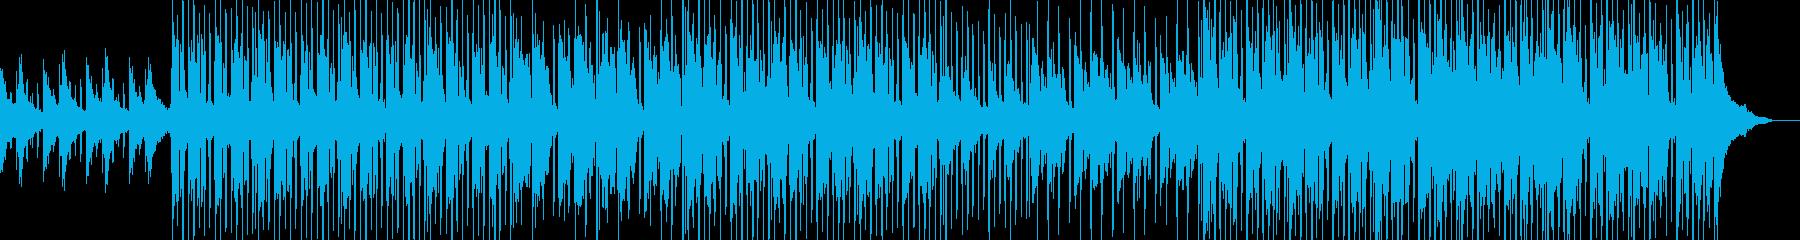 ミディアムテンポの爽やかなピアノサウンドの再生済みの波形